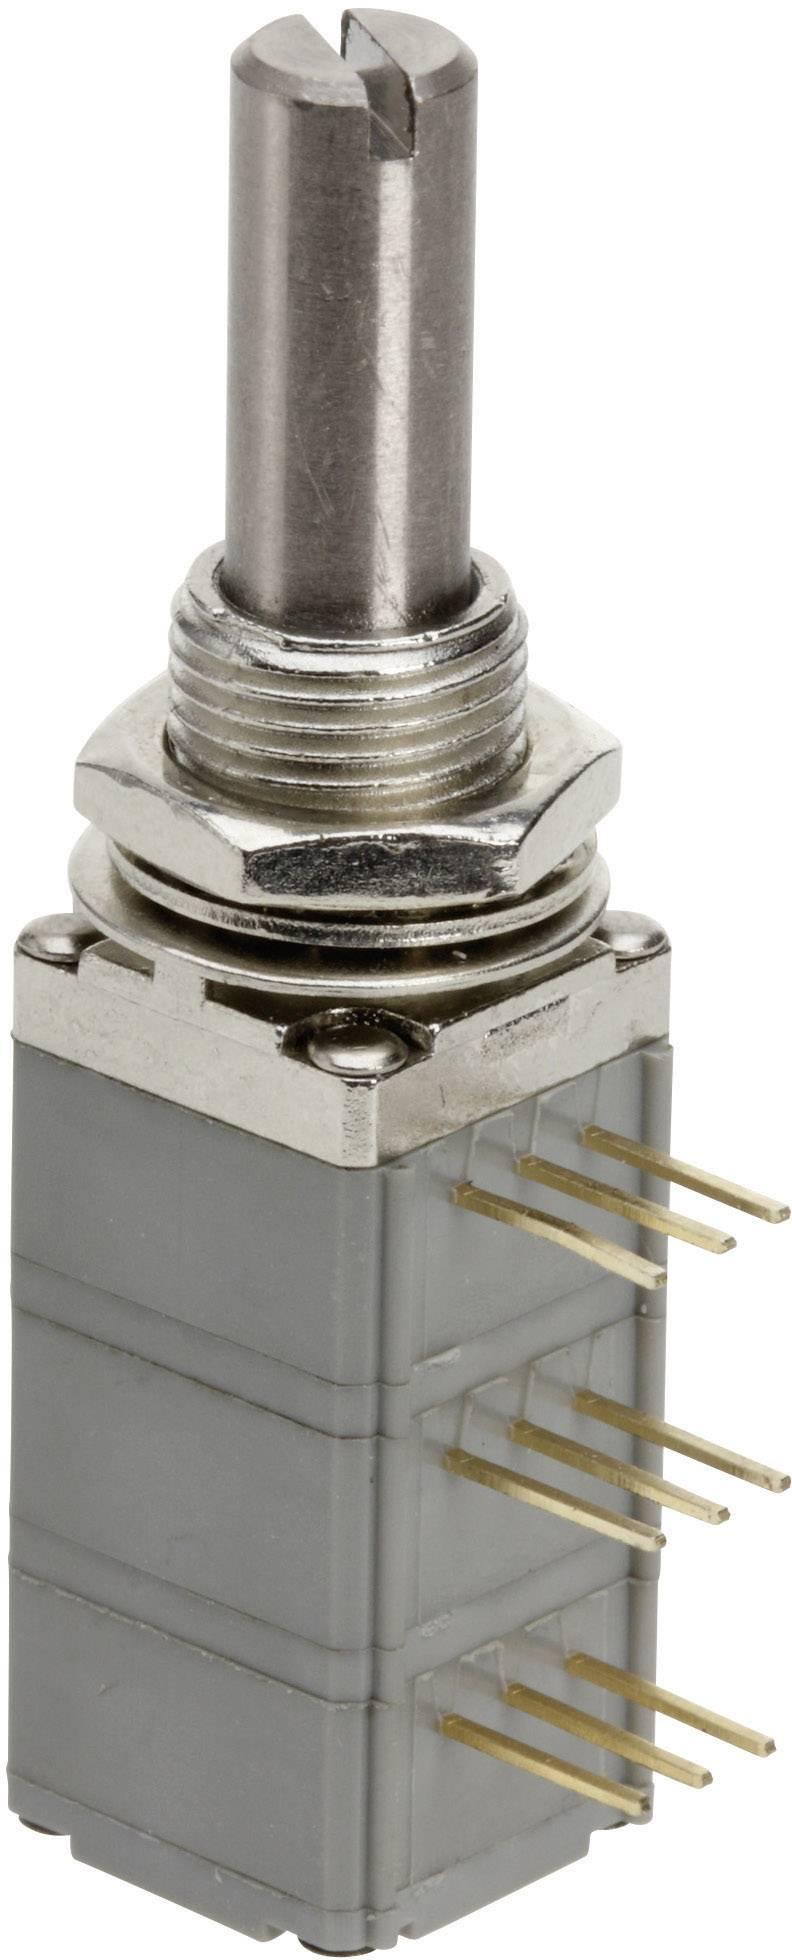 Presný potenciometer prachotesný, so spínačom, 2-cestný mono TT Electronics AB P260S-D2BS4A B-10 KR 4113913545, 10 kOhm, 1 ks